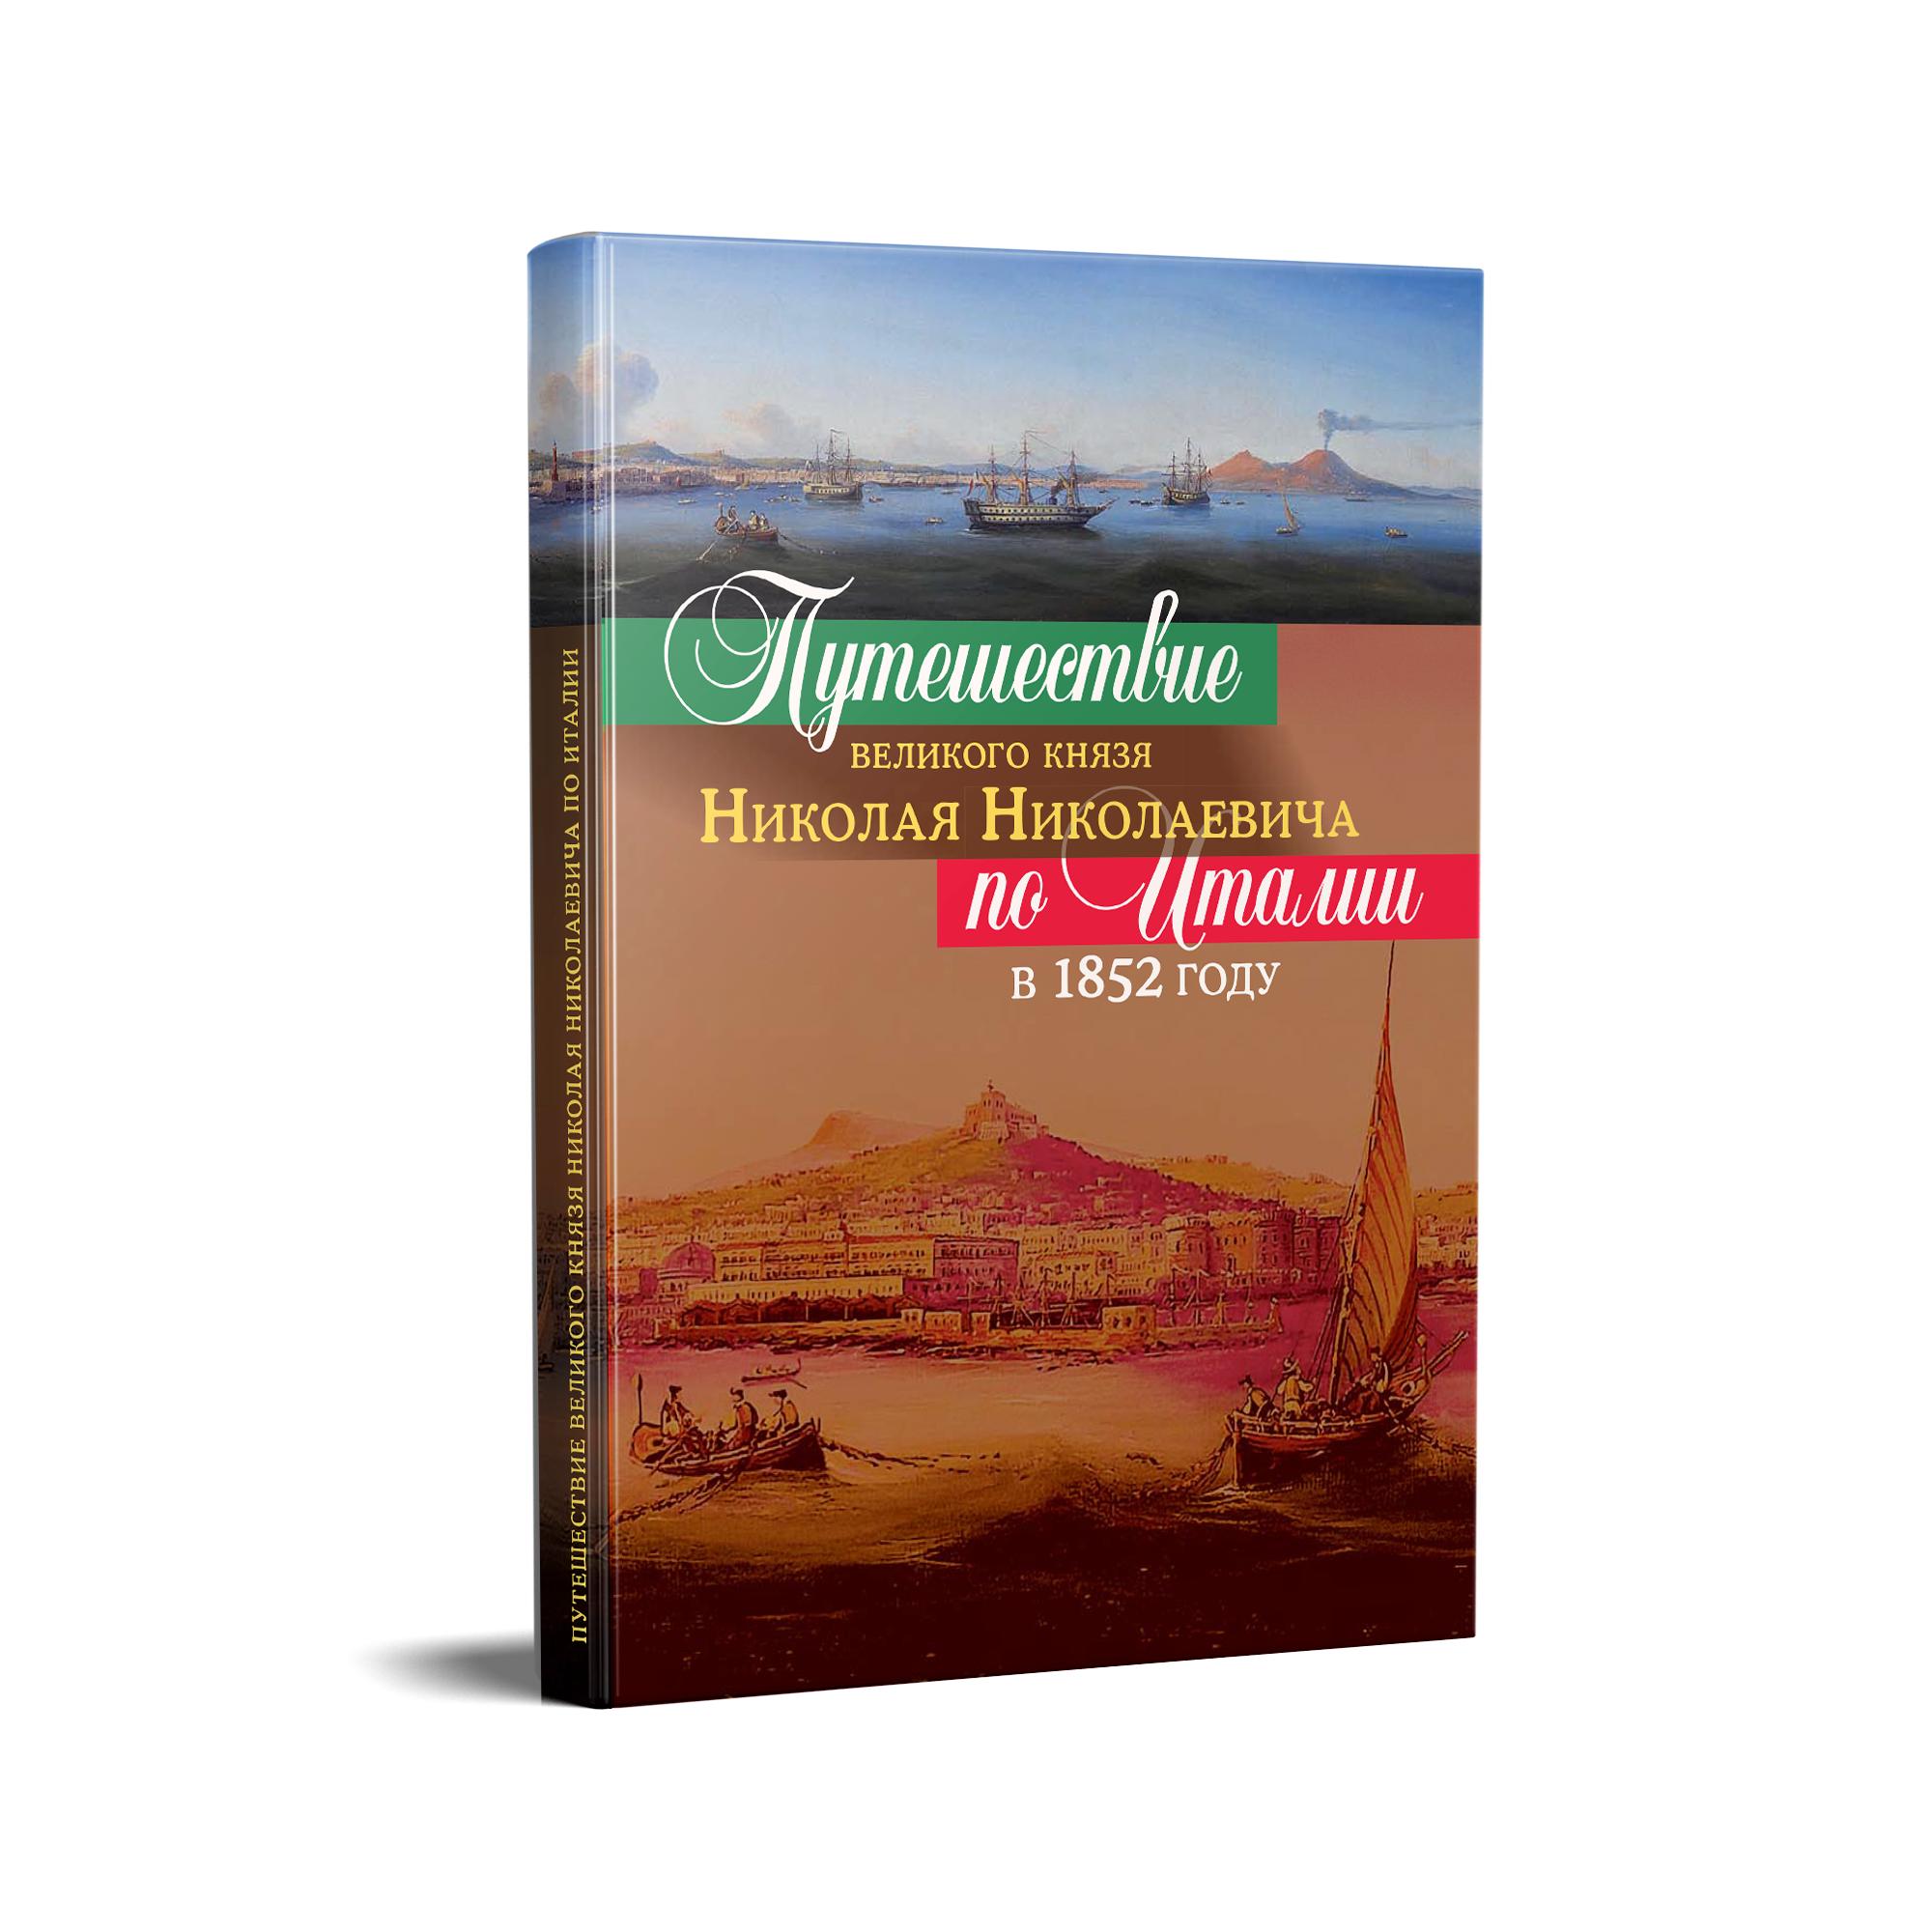 Путешествие великого князя Николая Николаевича по Италии в 1852 году